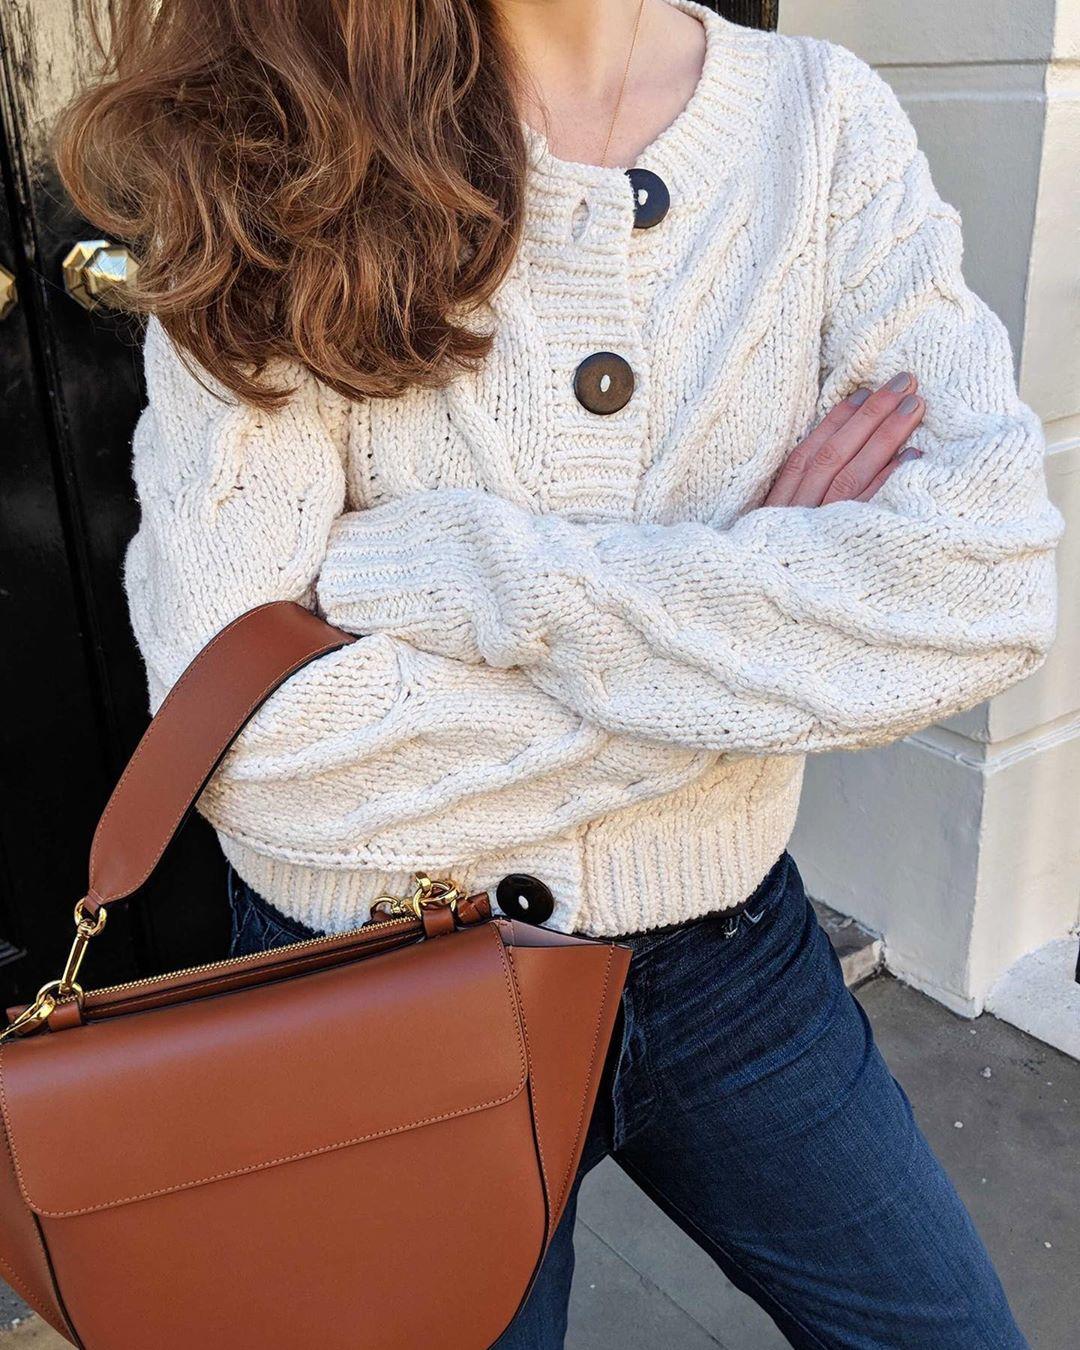 «Ζακέτα να πάρεις!»: Αυτό το στυλ cardigan θα φοράμε όλες τον χειμώνα